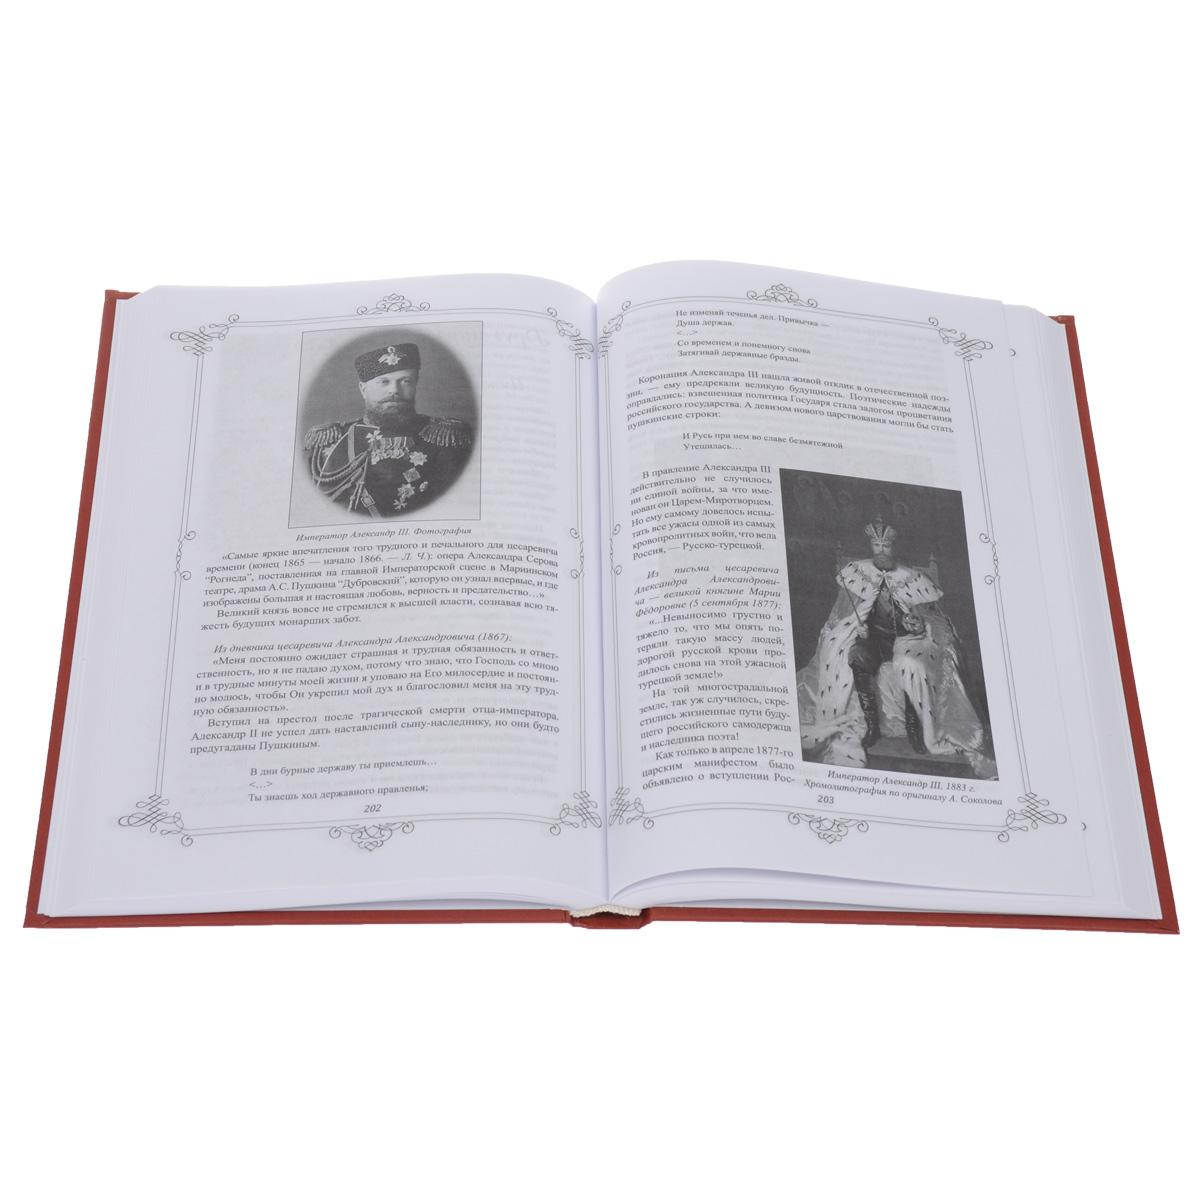 Пушкин и Романовы. Великие династии в зеркале эпох